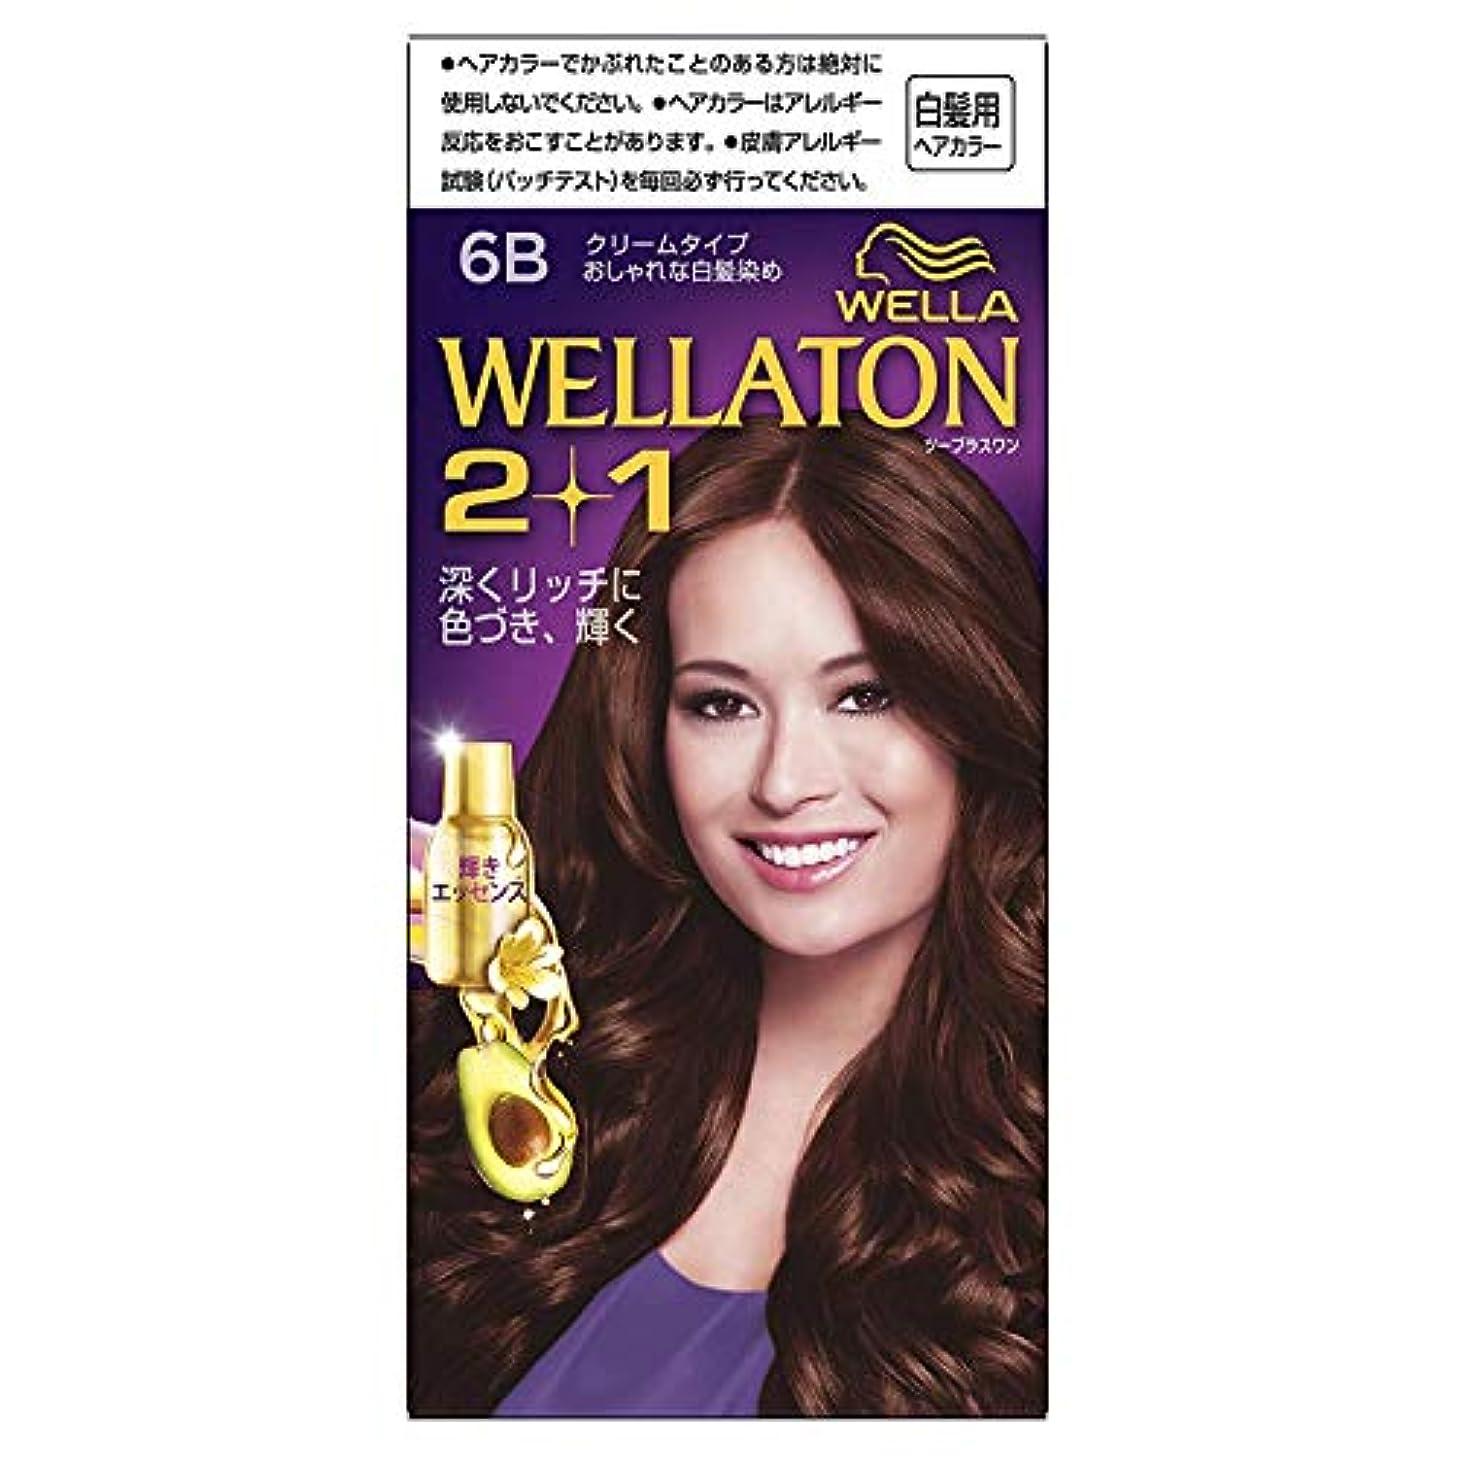 ウエラトーン2+1 クリームタイプ 6B [医薬部外品] ×6個